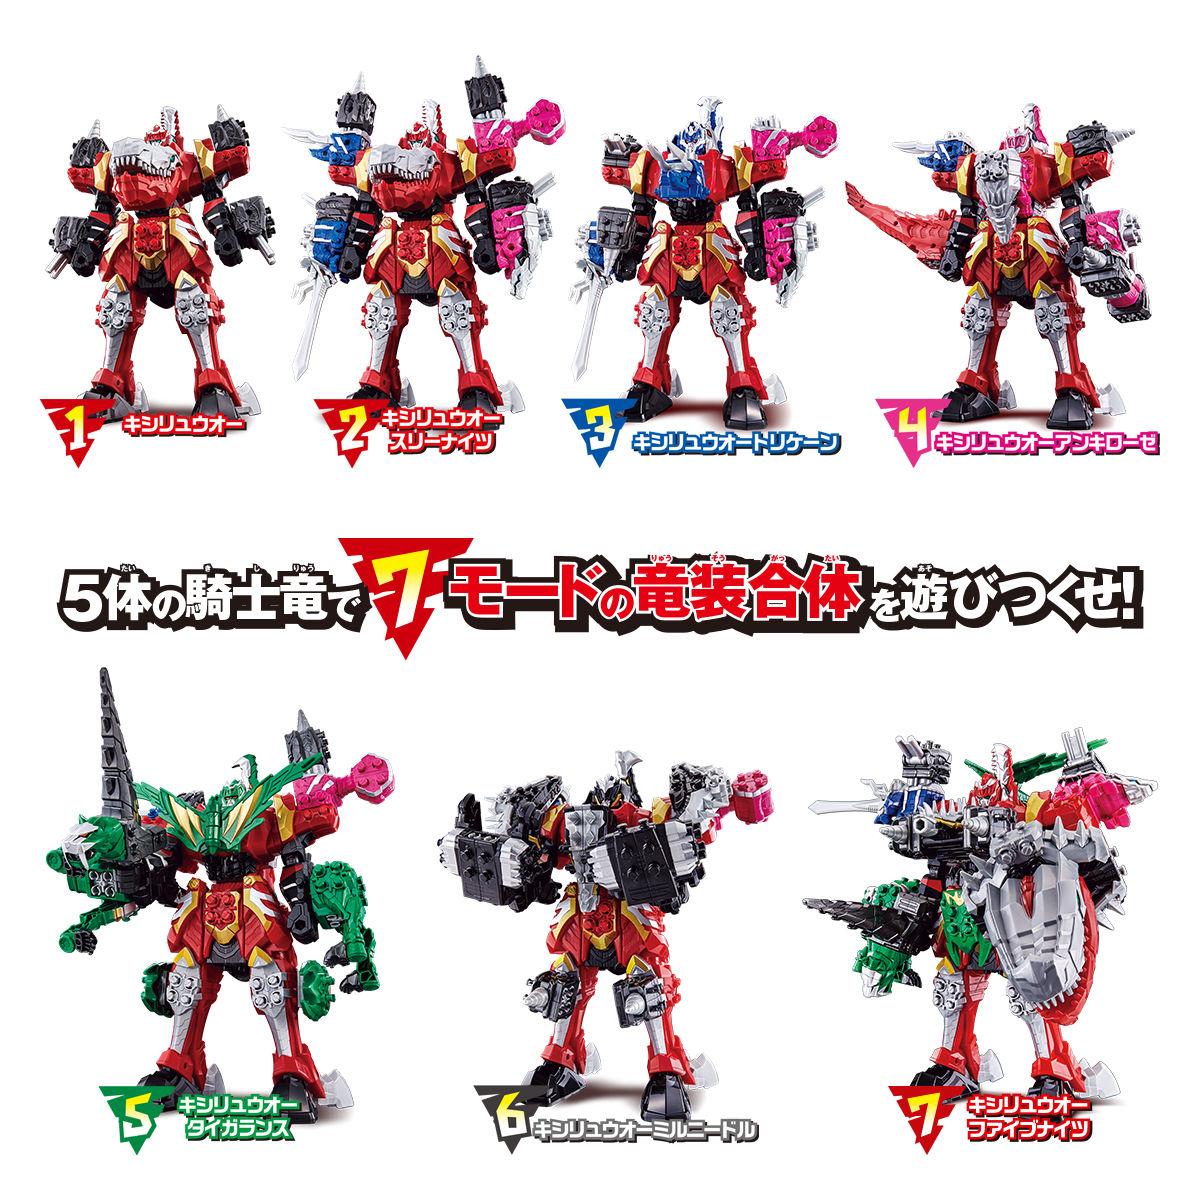 騎士竜シリーズ01&02&03&04&05 竜装合体 DXキシリュウオーファイブナイツセット